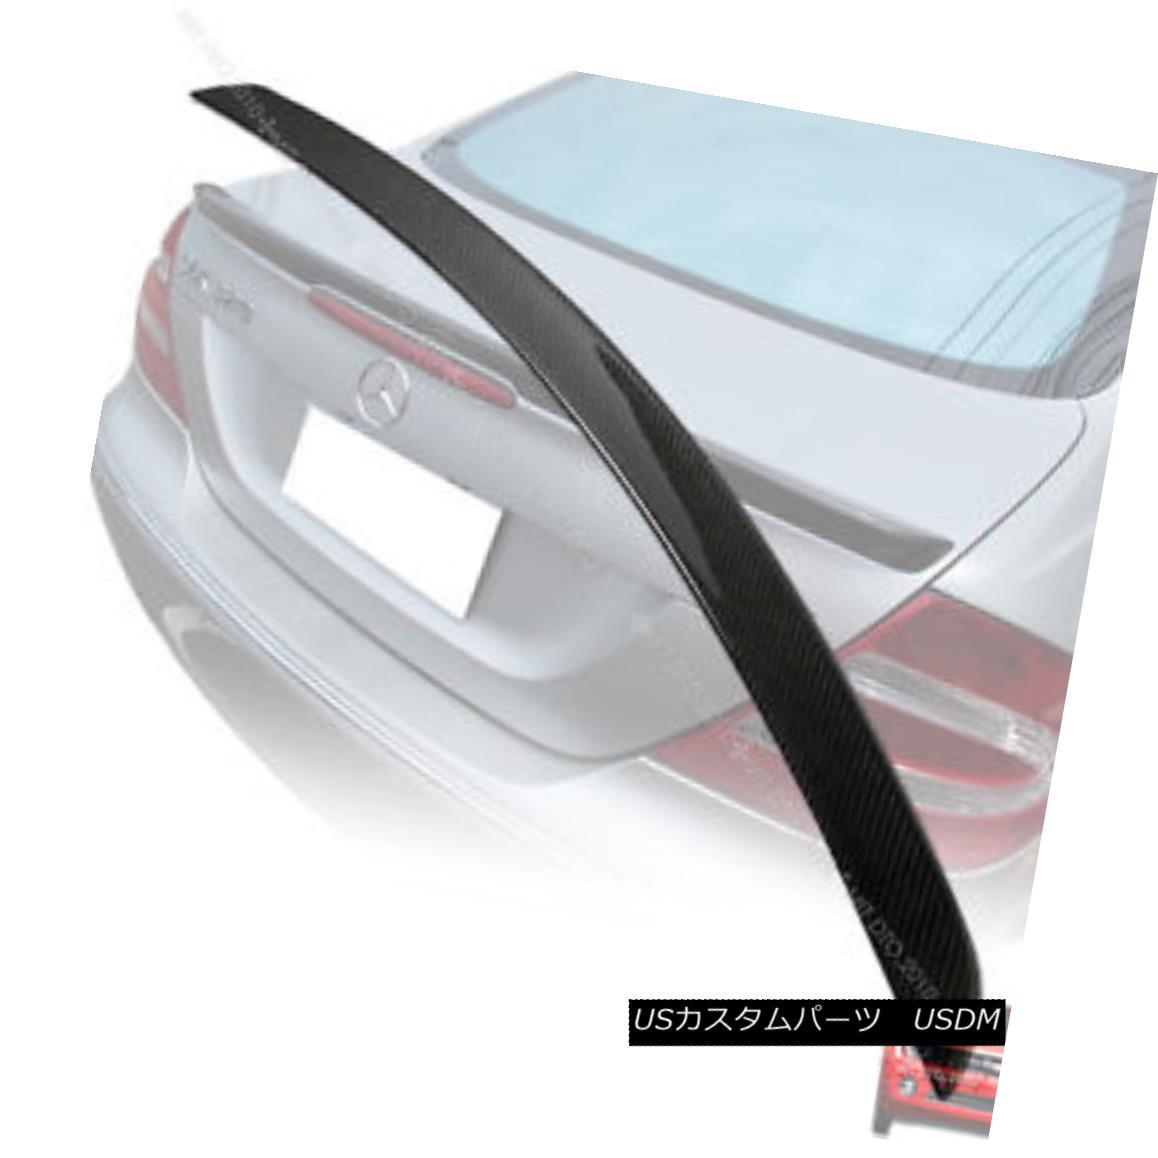 エアロパーツ ++Carbon Fiber Mercedes W209 CLK-class A TYPE Trunk Spoiler Rear Wing 03-08 § ++炭素繊維メルセデスW209 CLKクラスAタイプトランクスポイラーリアウイング03-08